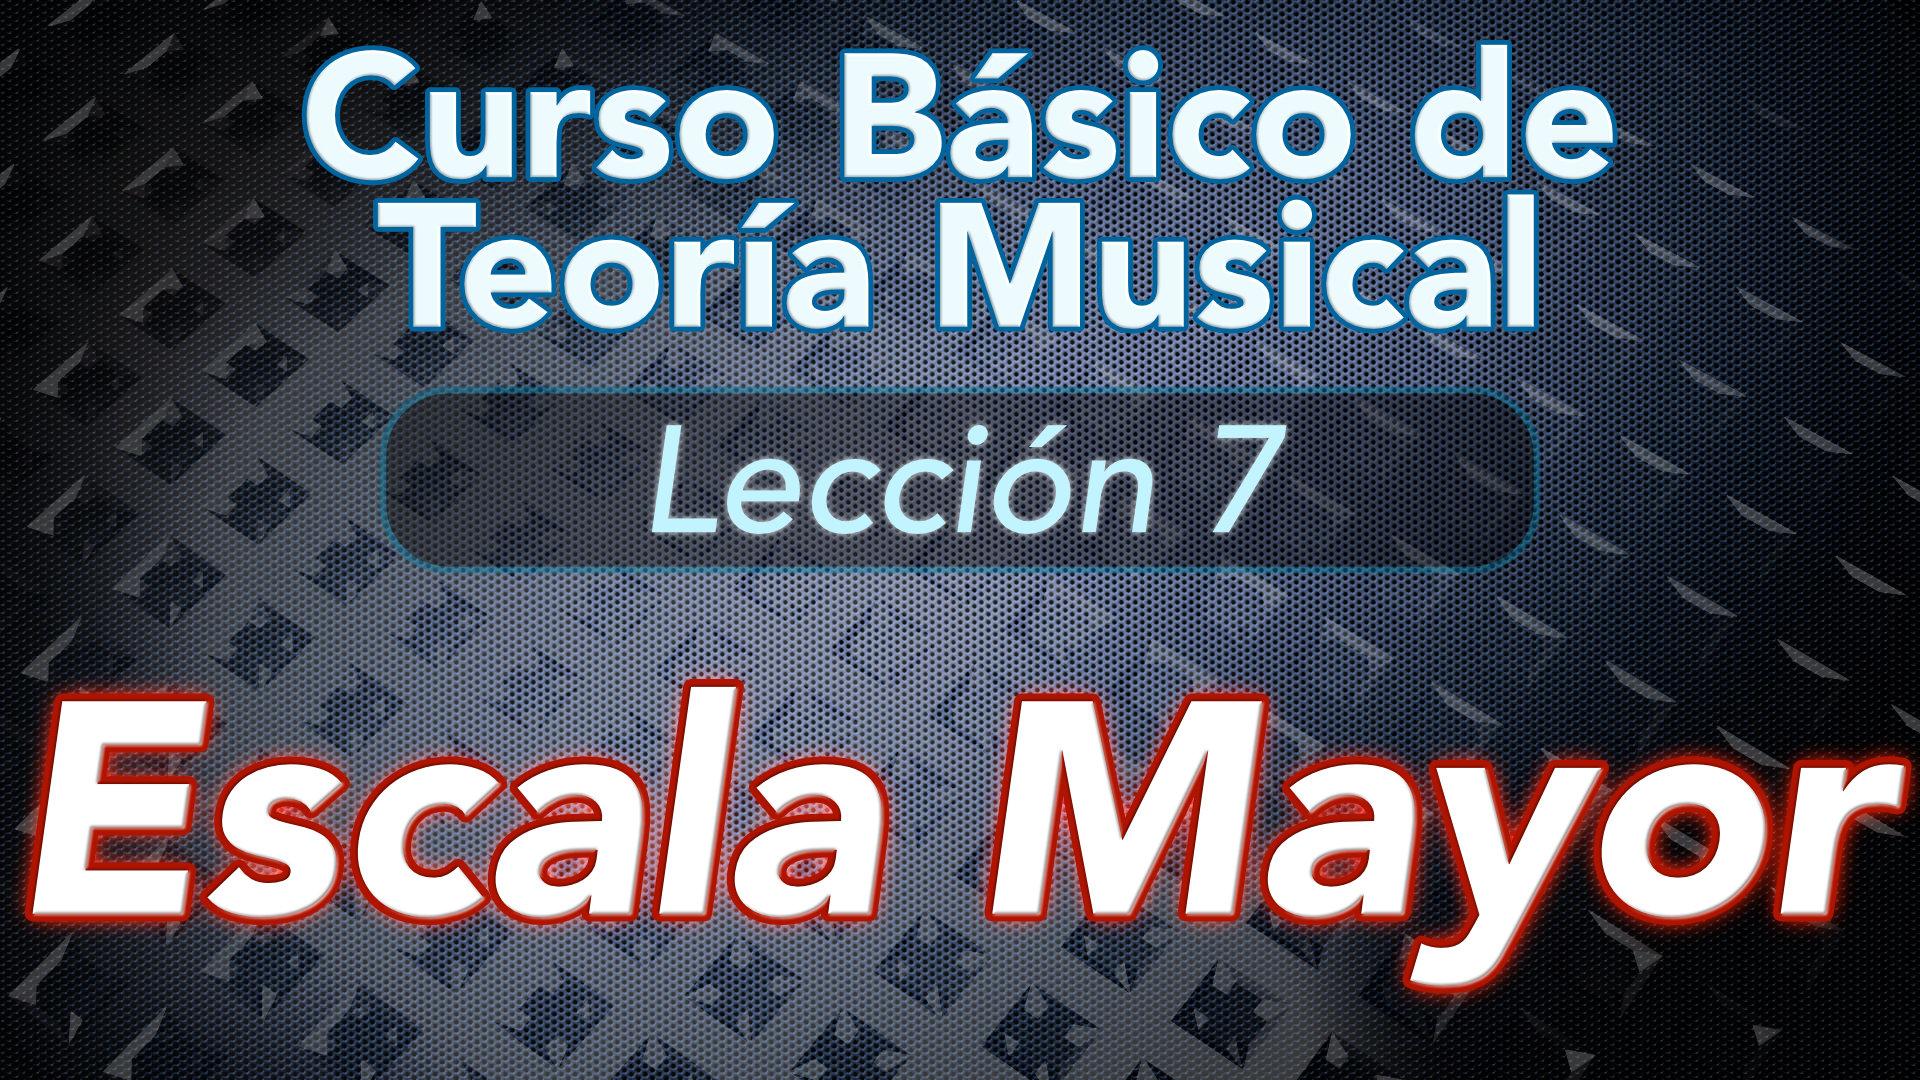 TEORIA DE LA MUSICA – Lección 7: Escala Mayor, que es, como se forma